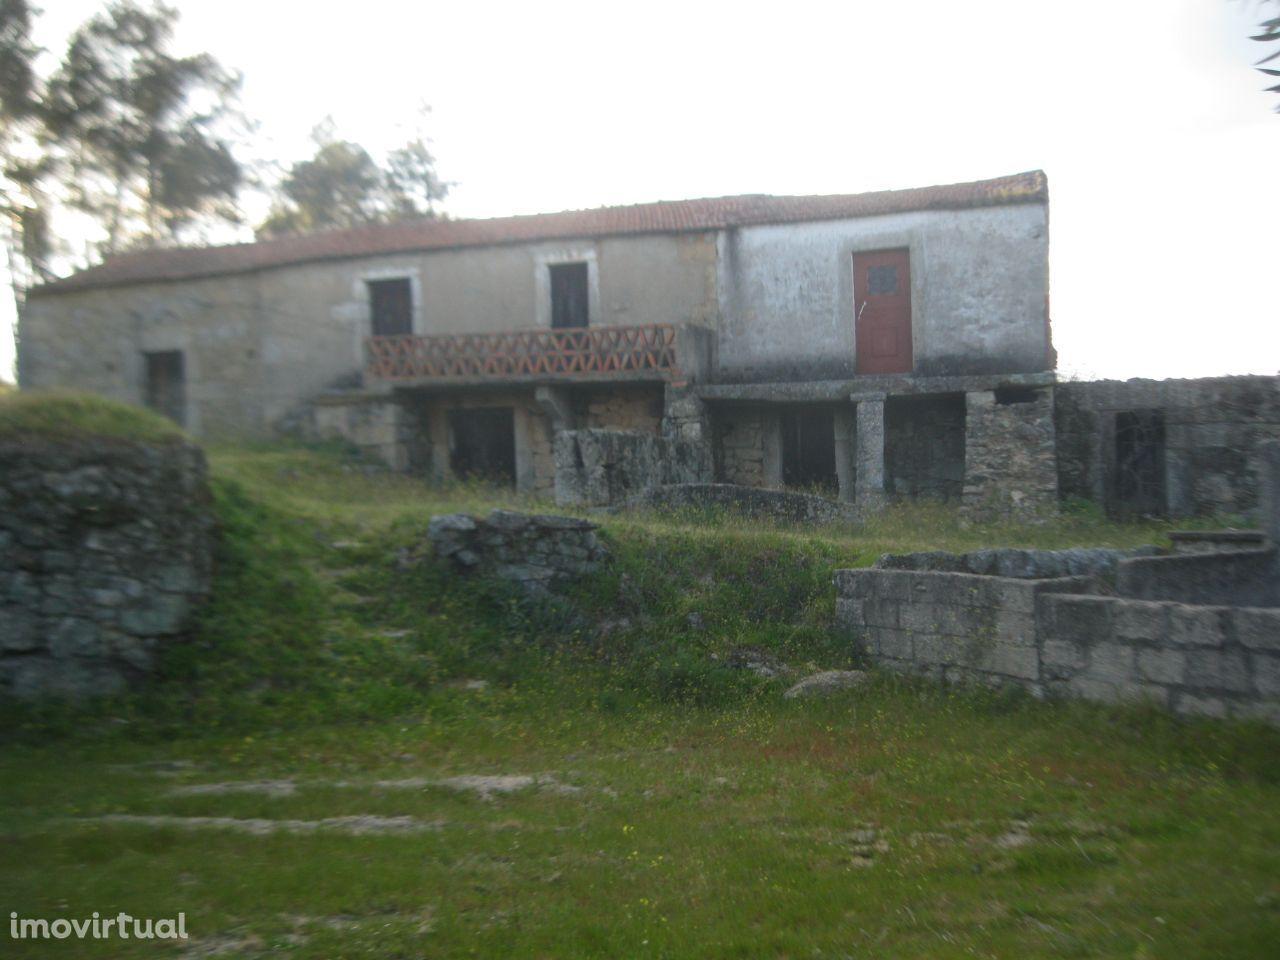 4 casas em Pedra (stone) 3 poços 24 000 metros de terreno e árvores